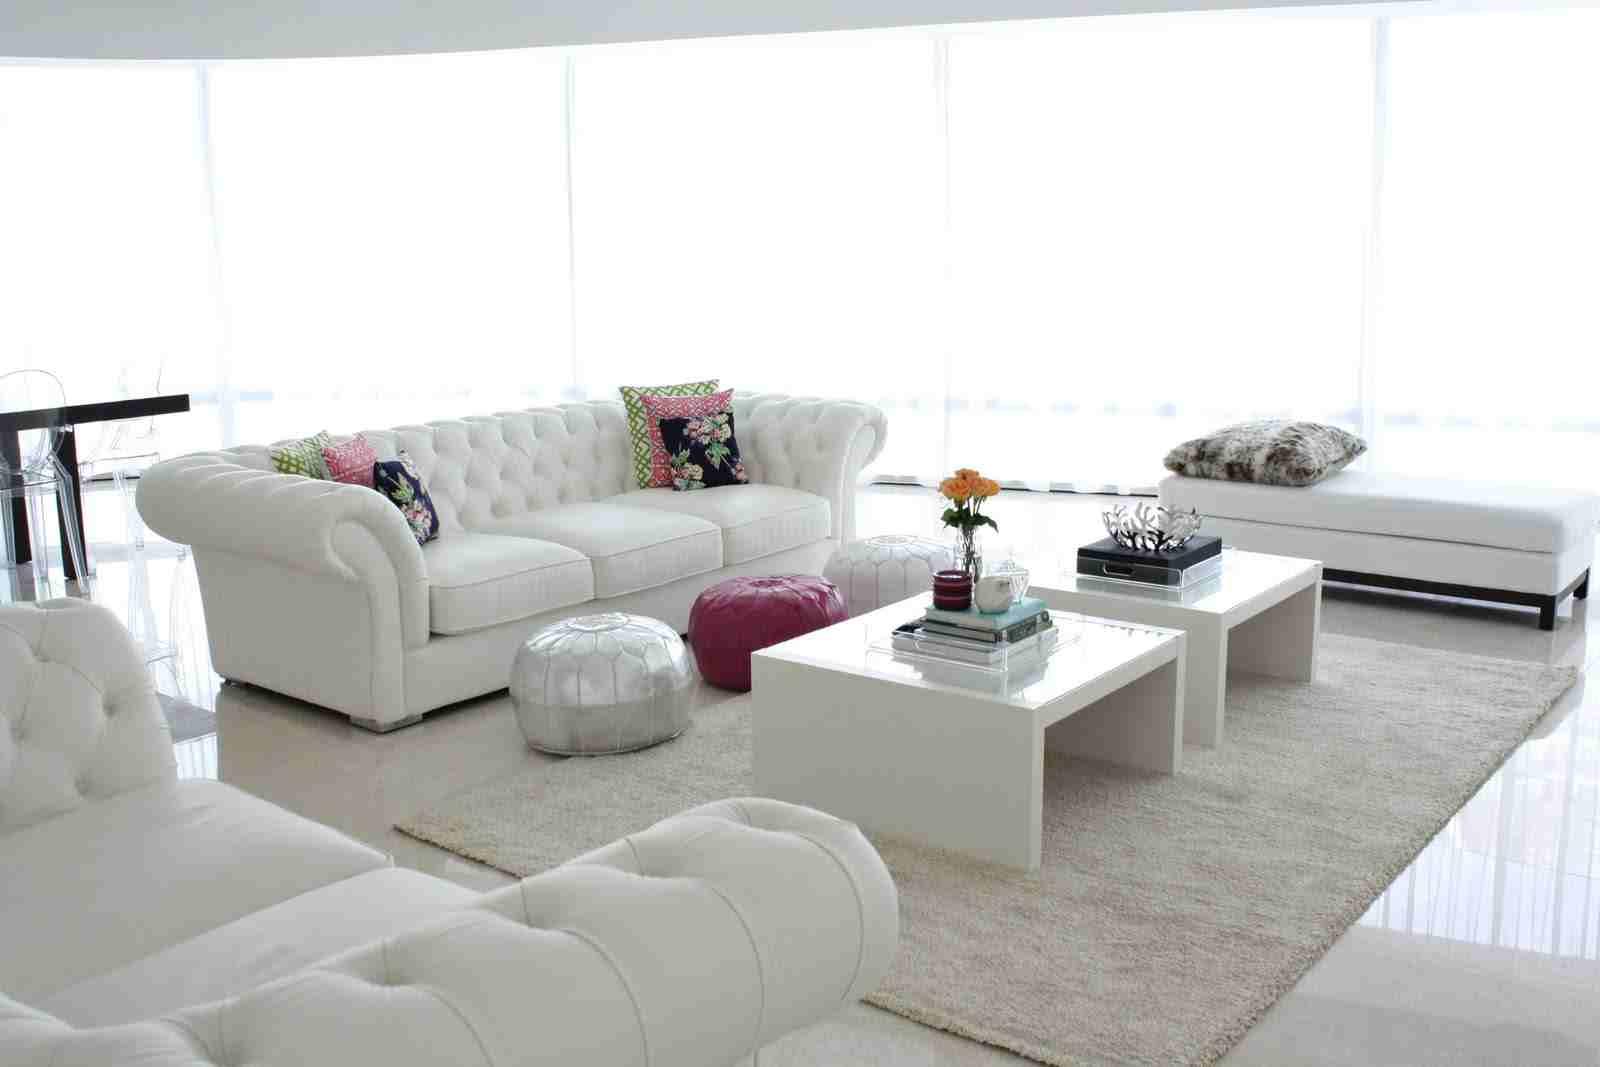 decoracao de interiores estilo contemporâneo32 Na decoração de